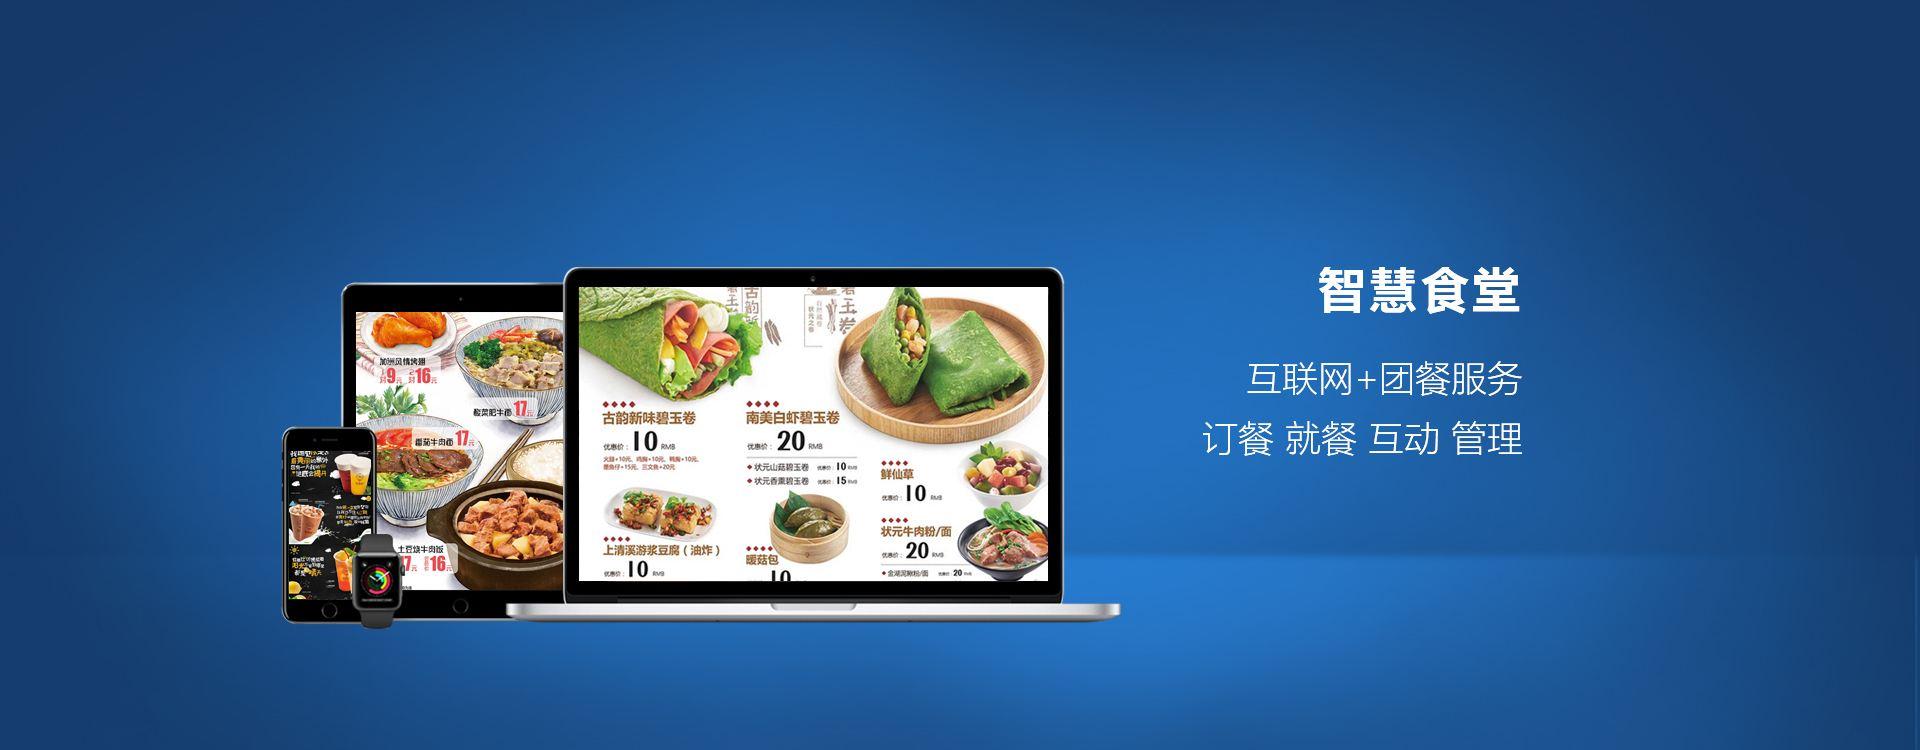 智慧食堂,智慧食堂易胜博官方网站,智慧食堂管理系统